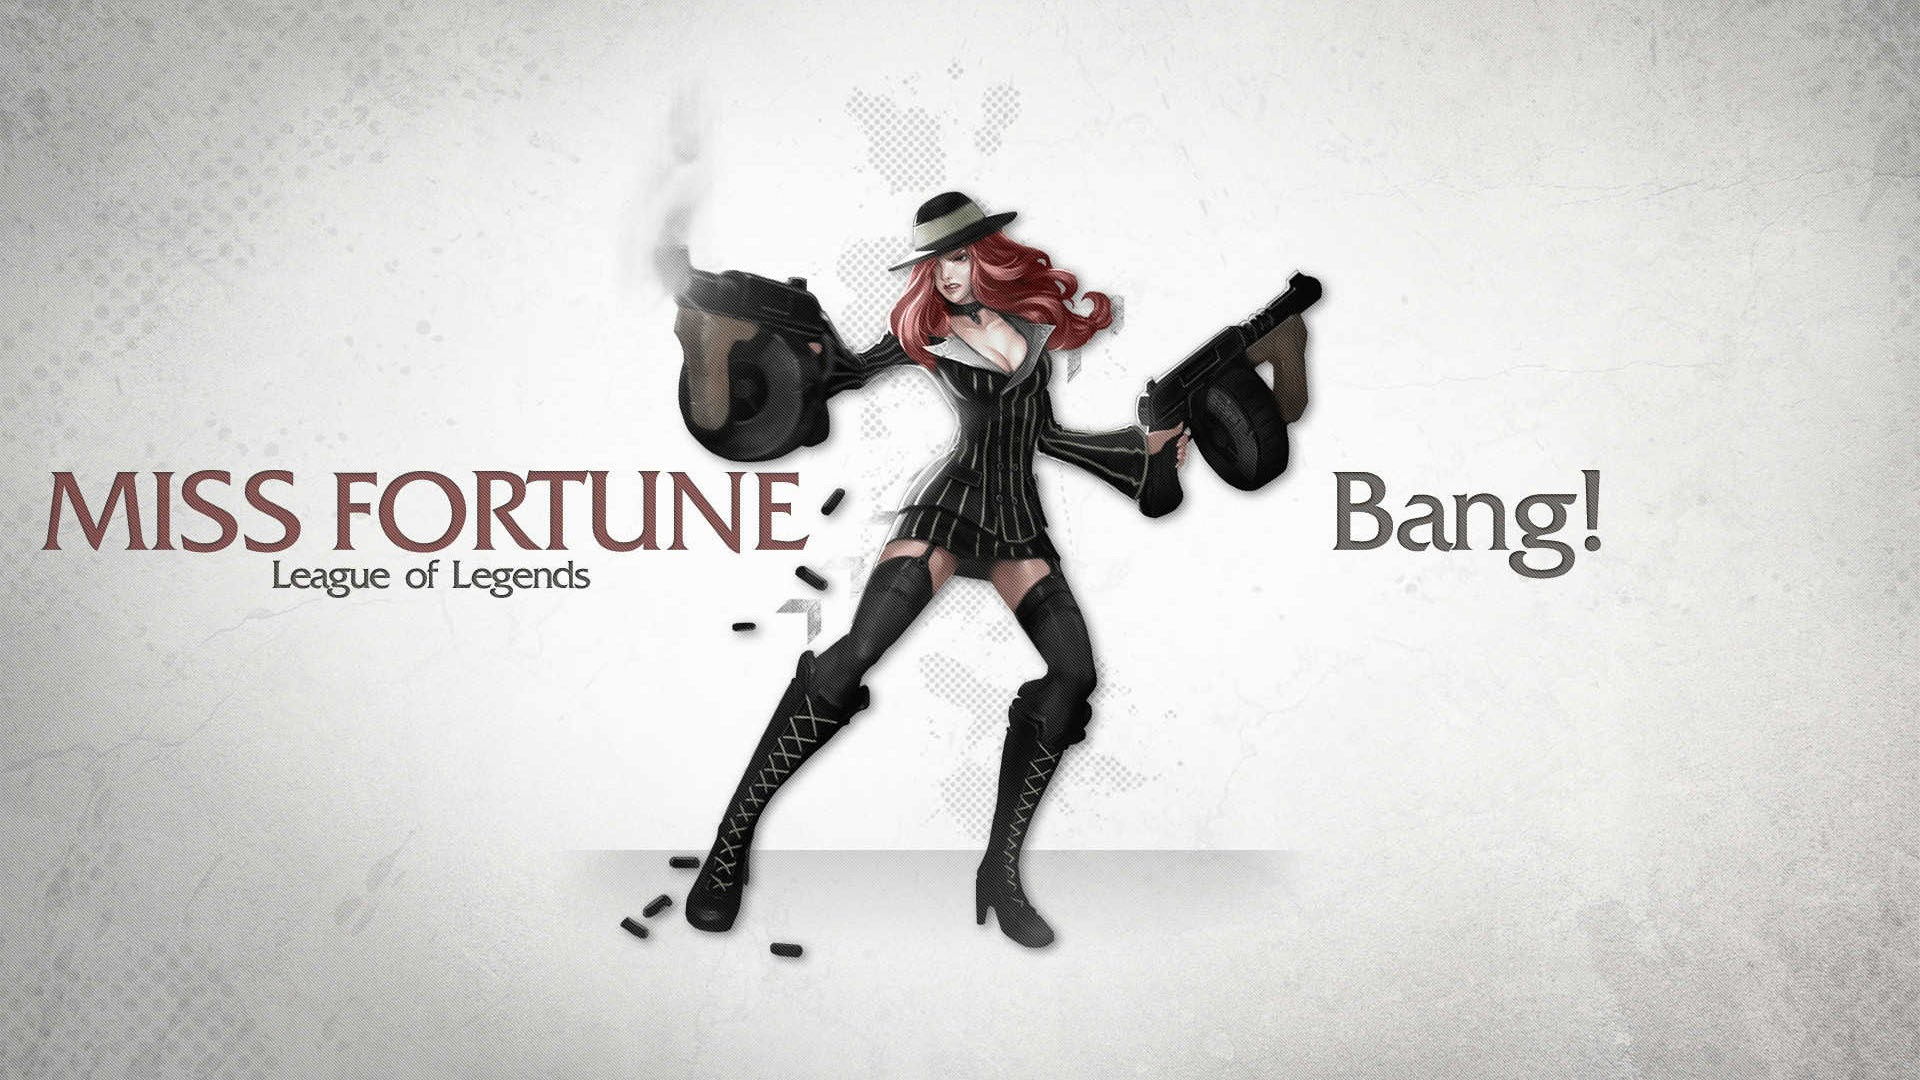 miss fortune 1920x1080 2c wallpaper hd